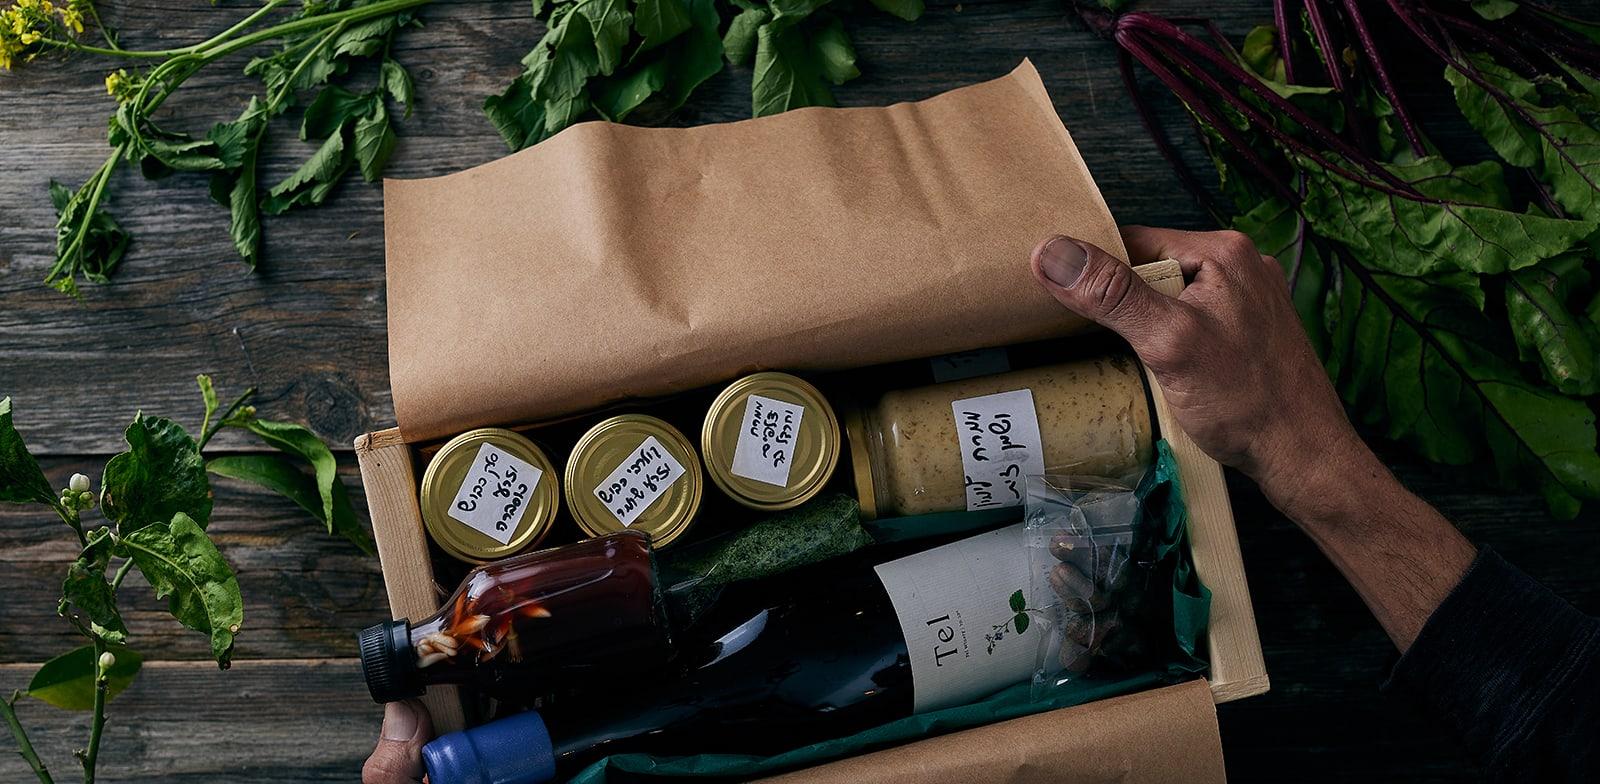 חבילת ההפתעות של מסעדת רוטנברג: אוסף מפתיע של צמחים מקומיים / צילום: אפיק גבאי